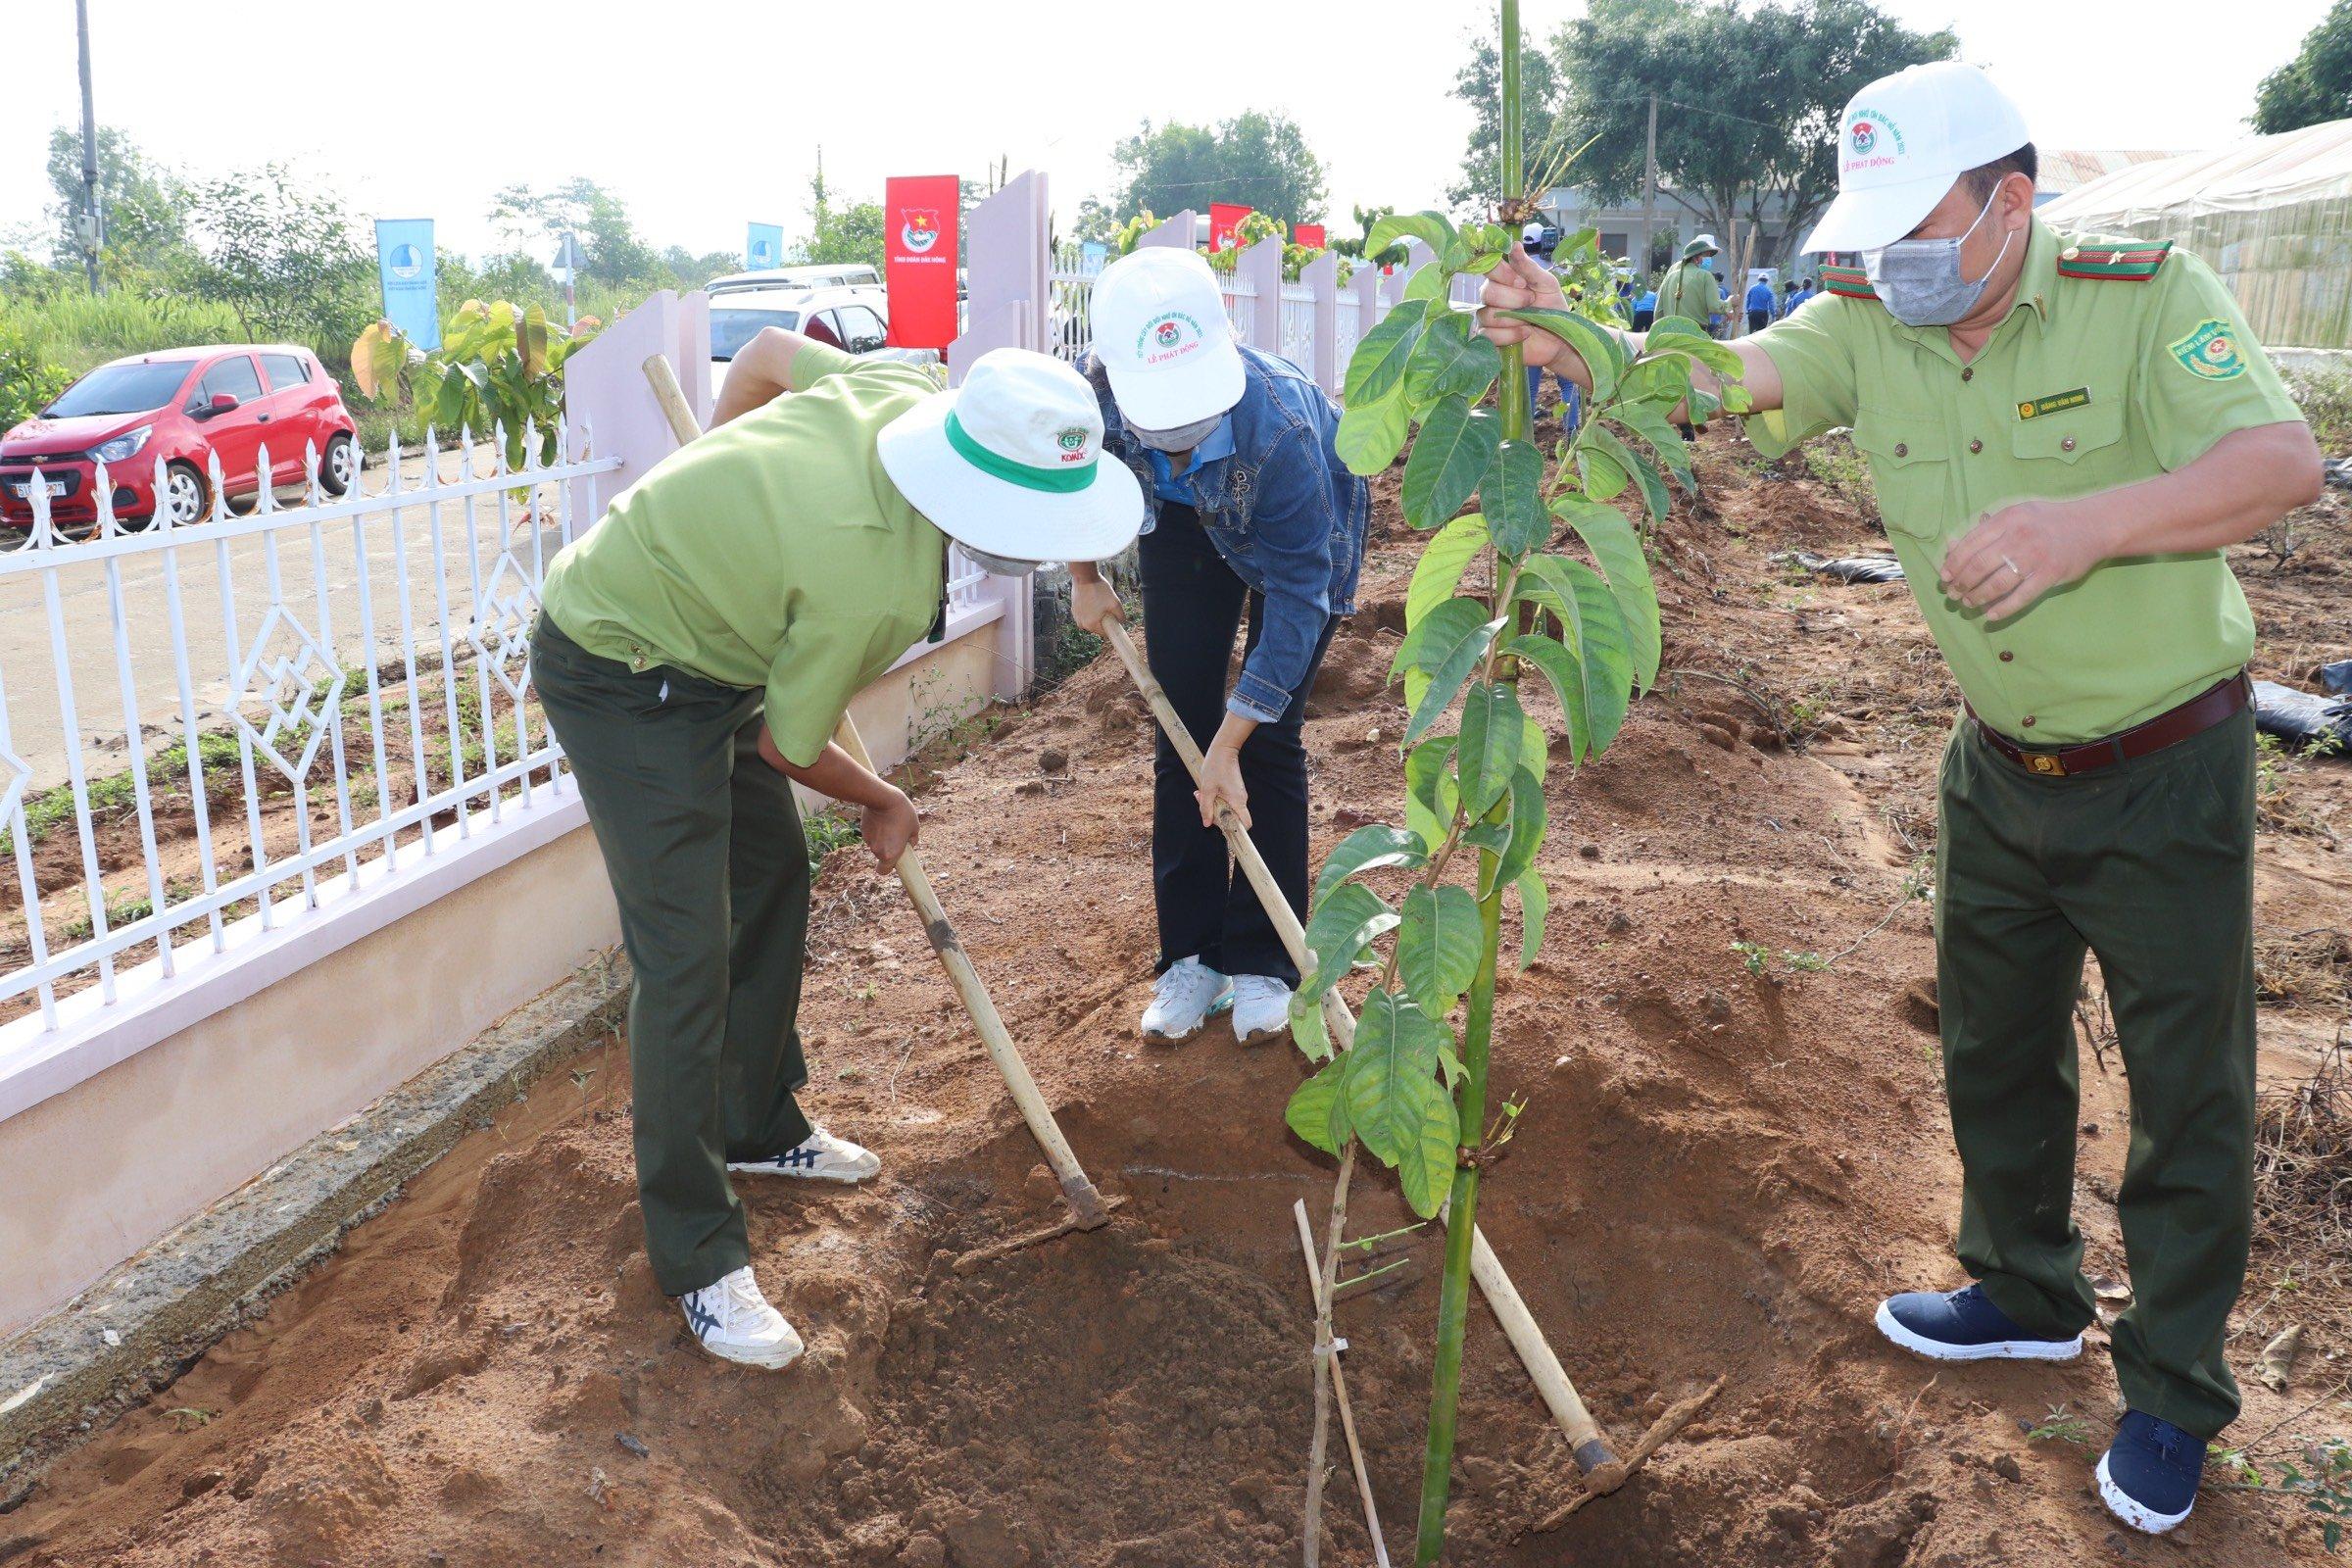 Sửa đổi, bổ sung một số điều của quy định về chính sách khuyến khích, hỗ trợ đầu tư vào tỉnh Đăk Nông ban hành kèm theo Nghị quyết số 06/2018/NQ-HĐND ngày 02 tháng 8 năm 2018 của Hội đồng nhân dân tỉnh Đăk Nông